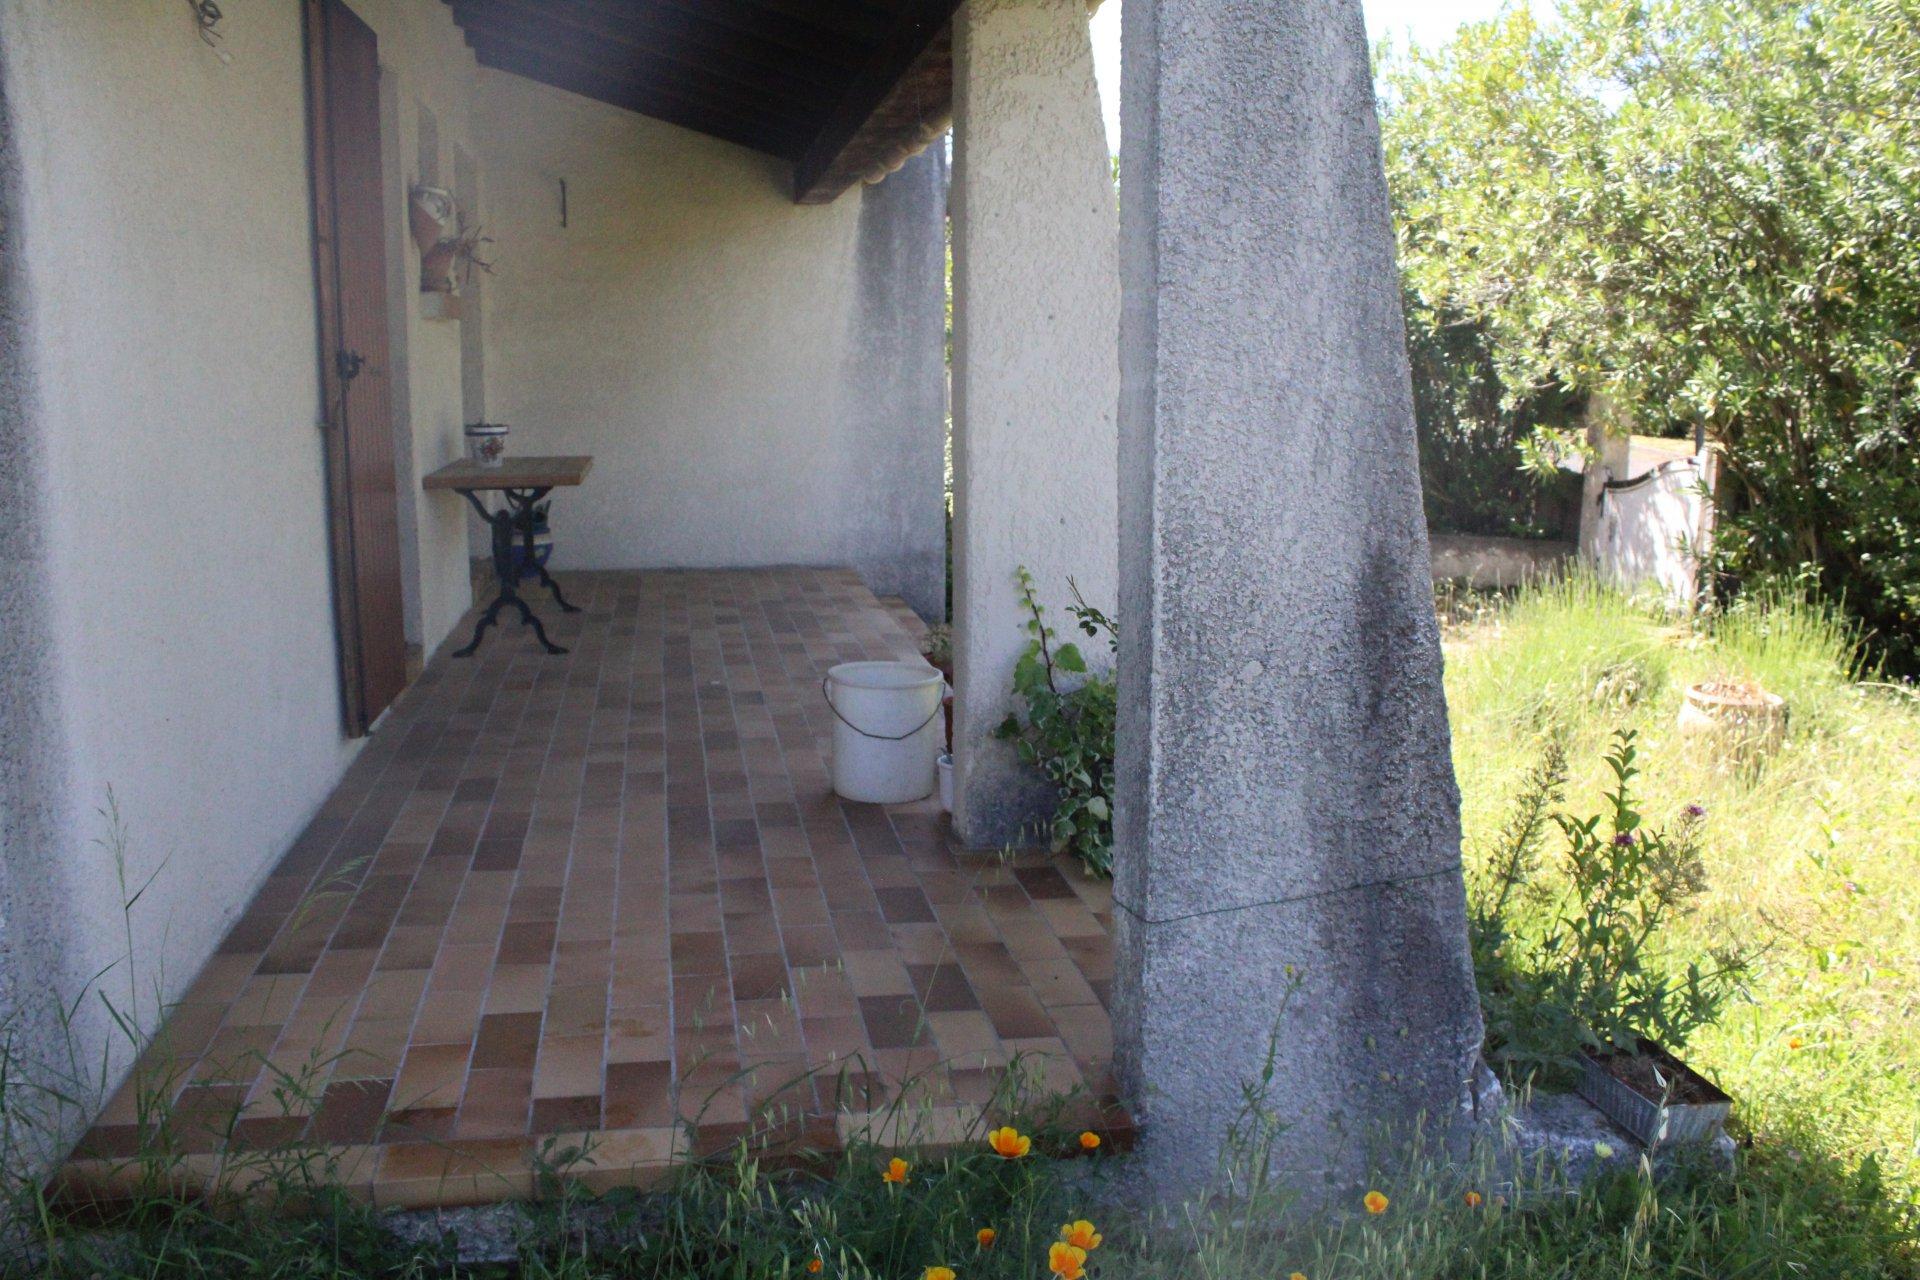 Vends maison de 120 m² - Villevieille - 289900 € FAI